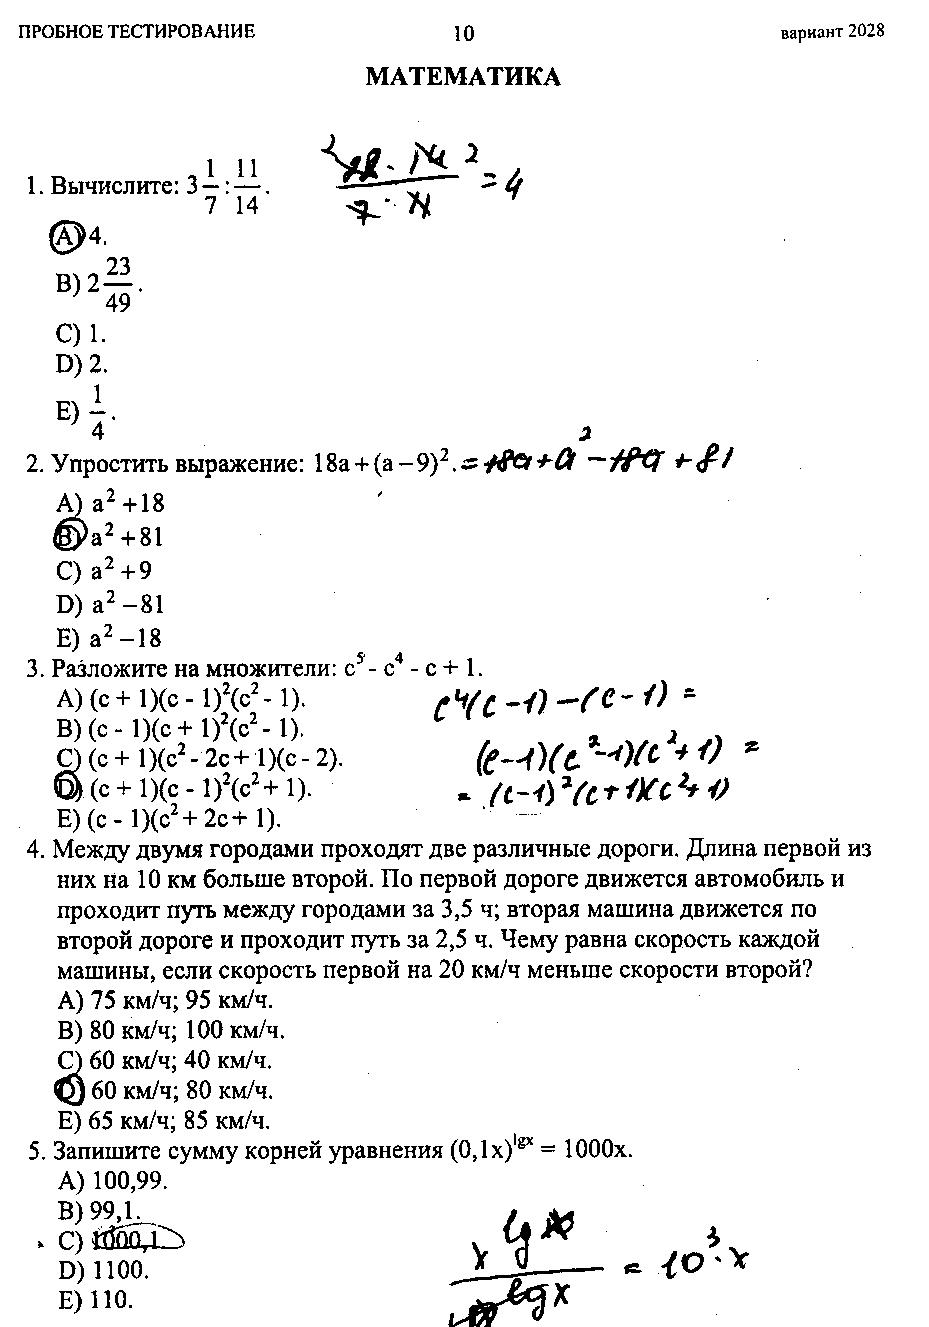 сканирование002